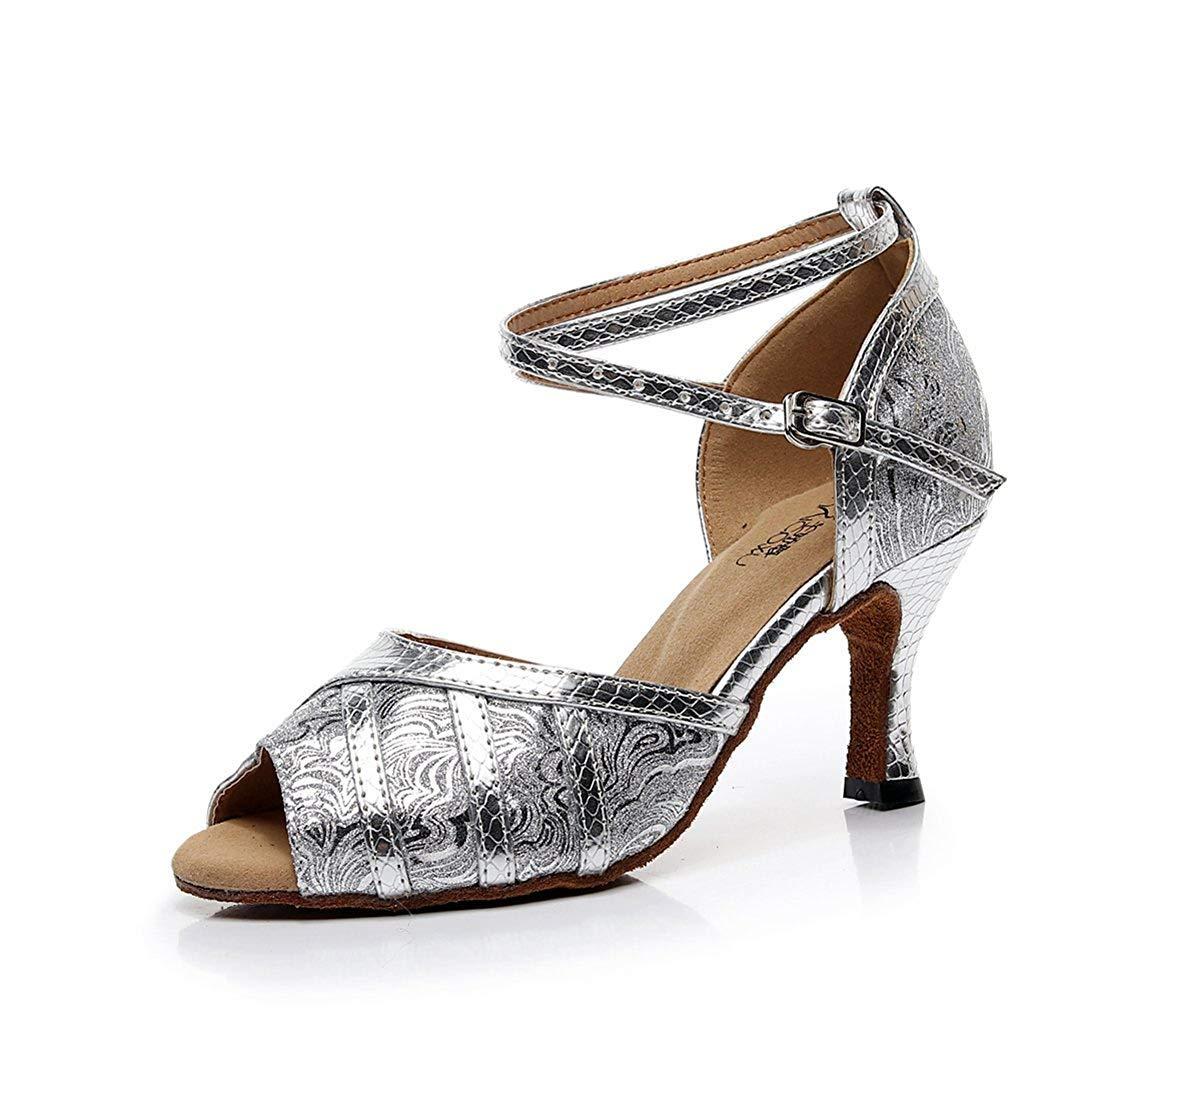 Qiusa Cinturino alla Caviglia da Donna Fatto Fatto Fatto a Mano in argentoo Sintetico Sandali da Ballo Latino da Ballo Salsa UK 3 (colore   -, Dimensione   -) 97679b